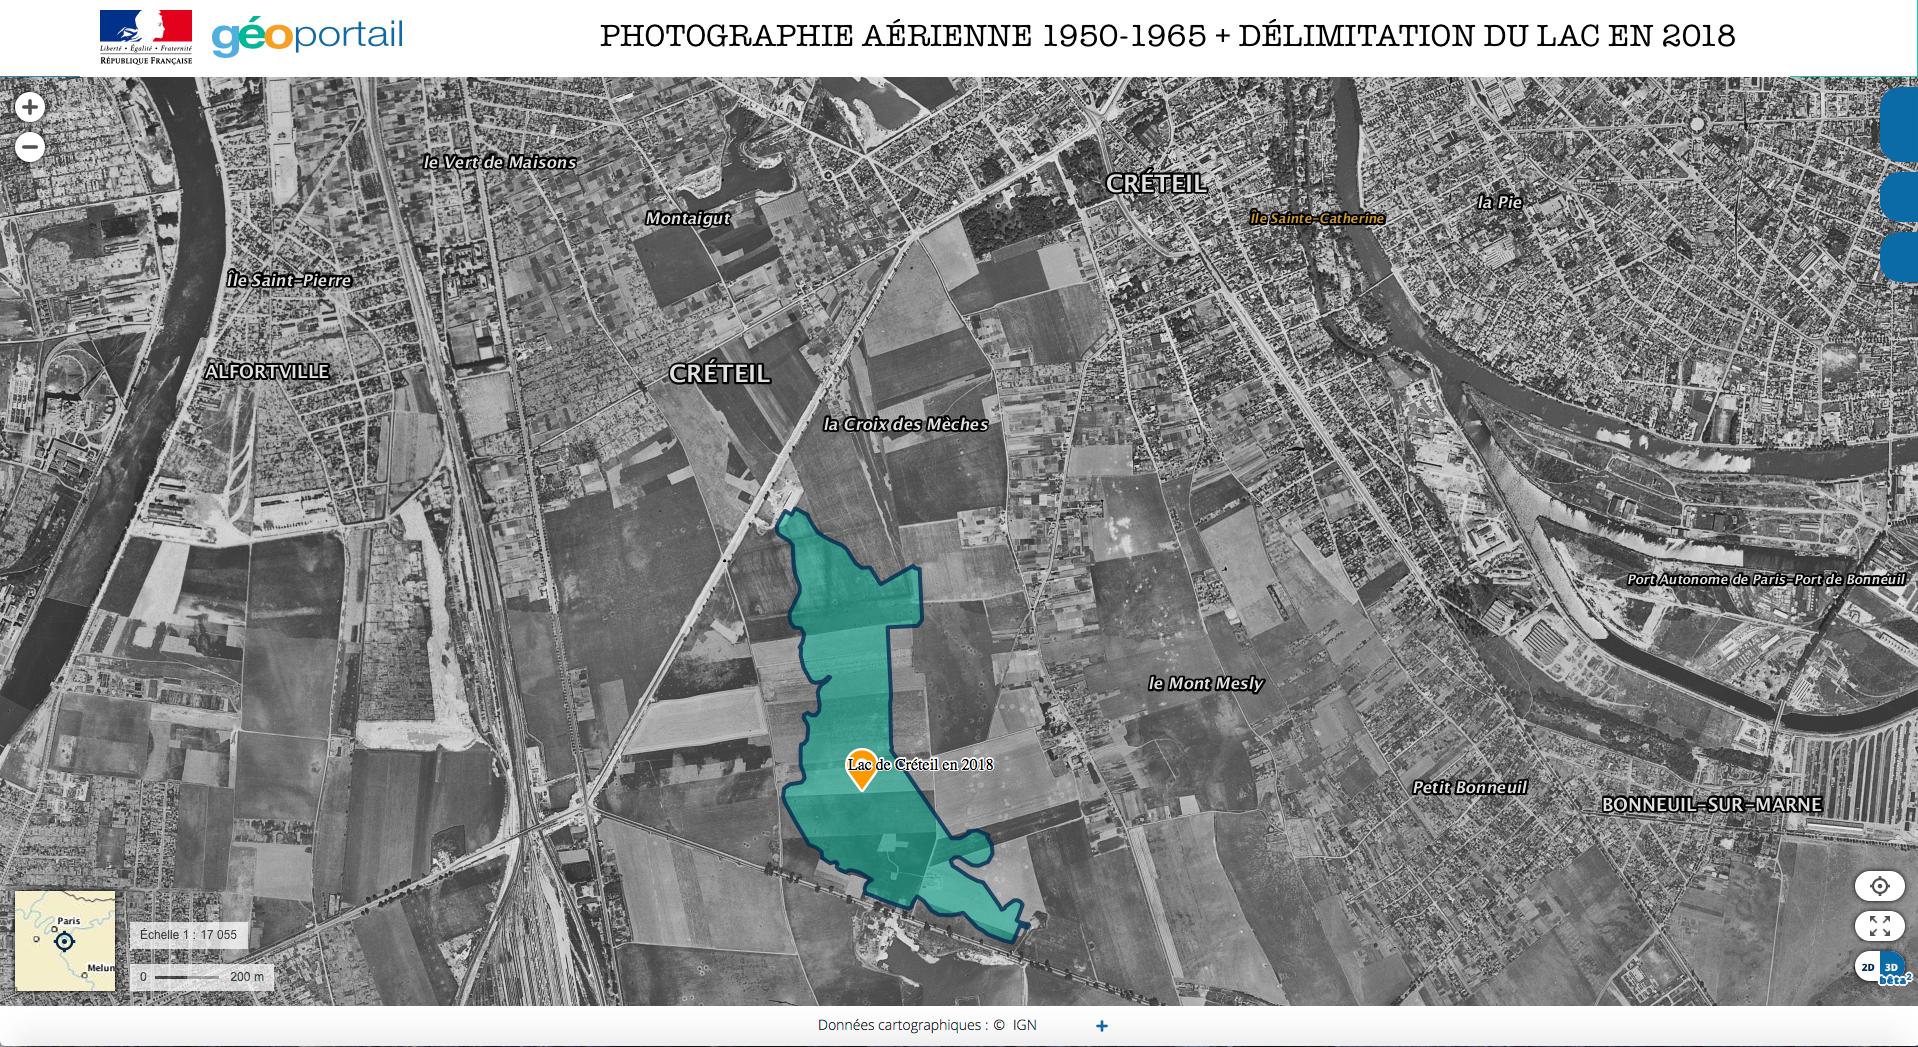 PHOTOGRAPHIE AÉRIENNE 1950-1965 + DÉLIMITATION DU LAC EN 2018